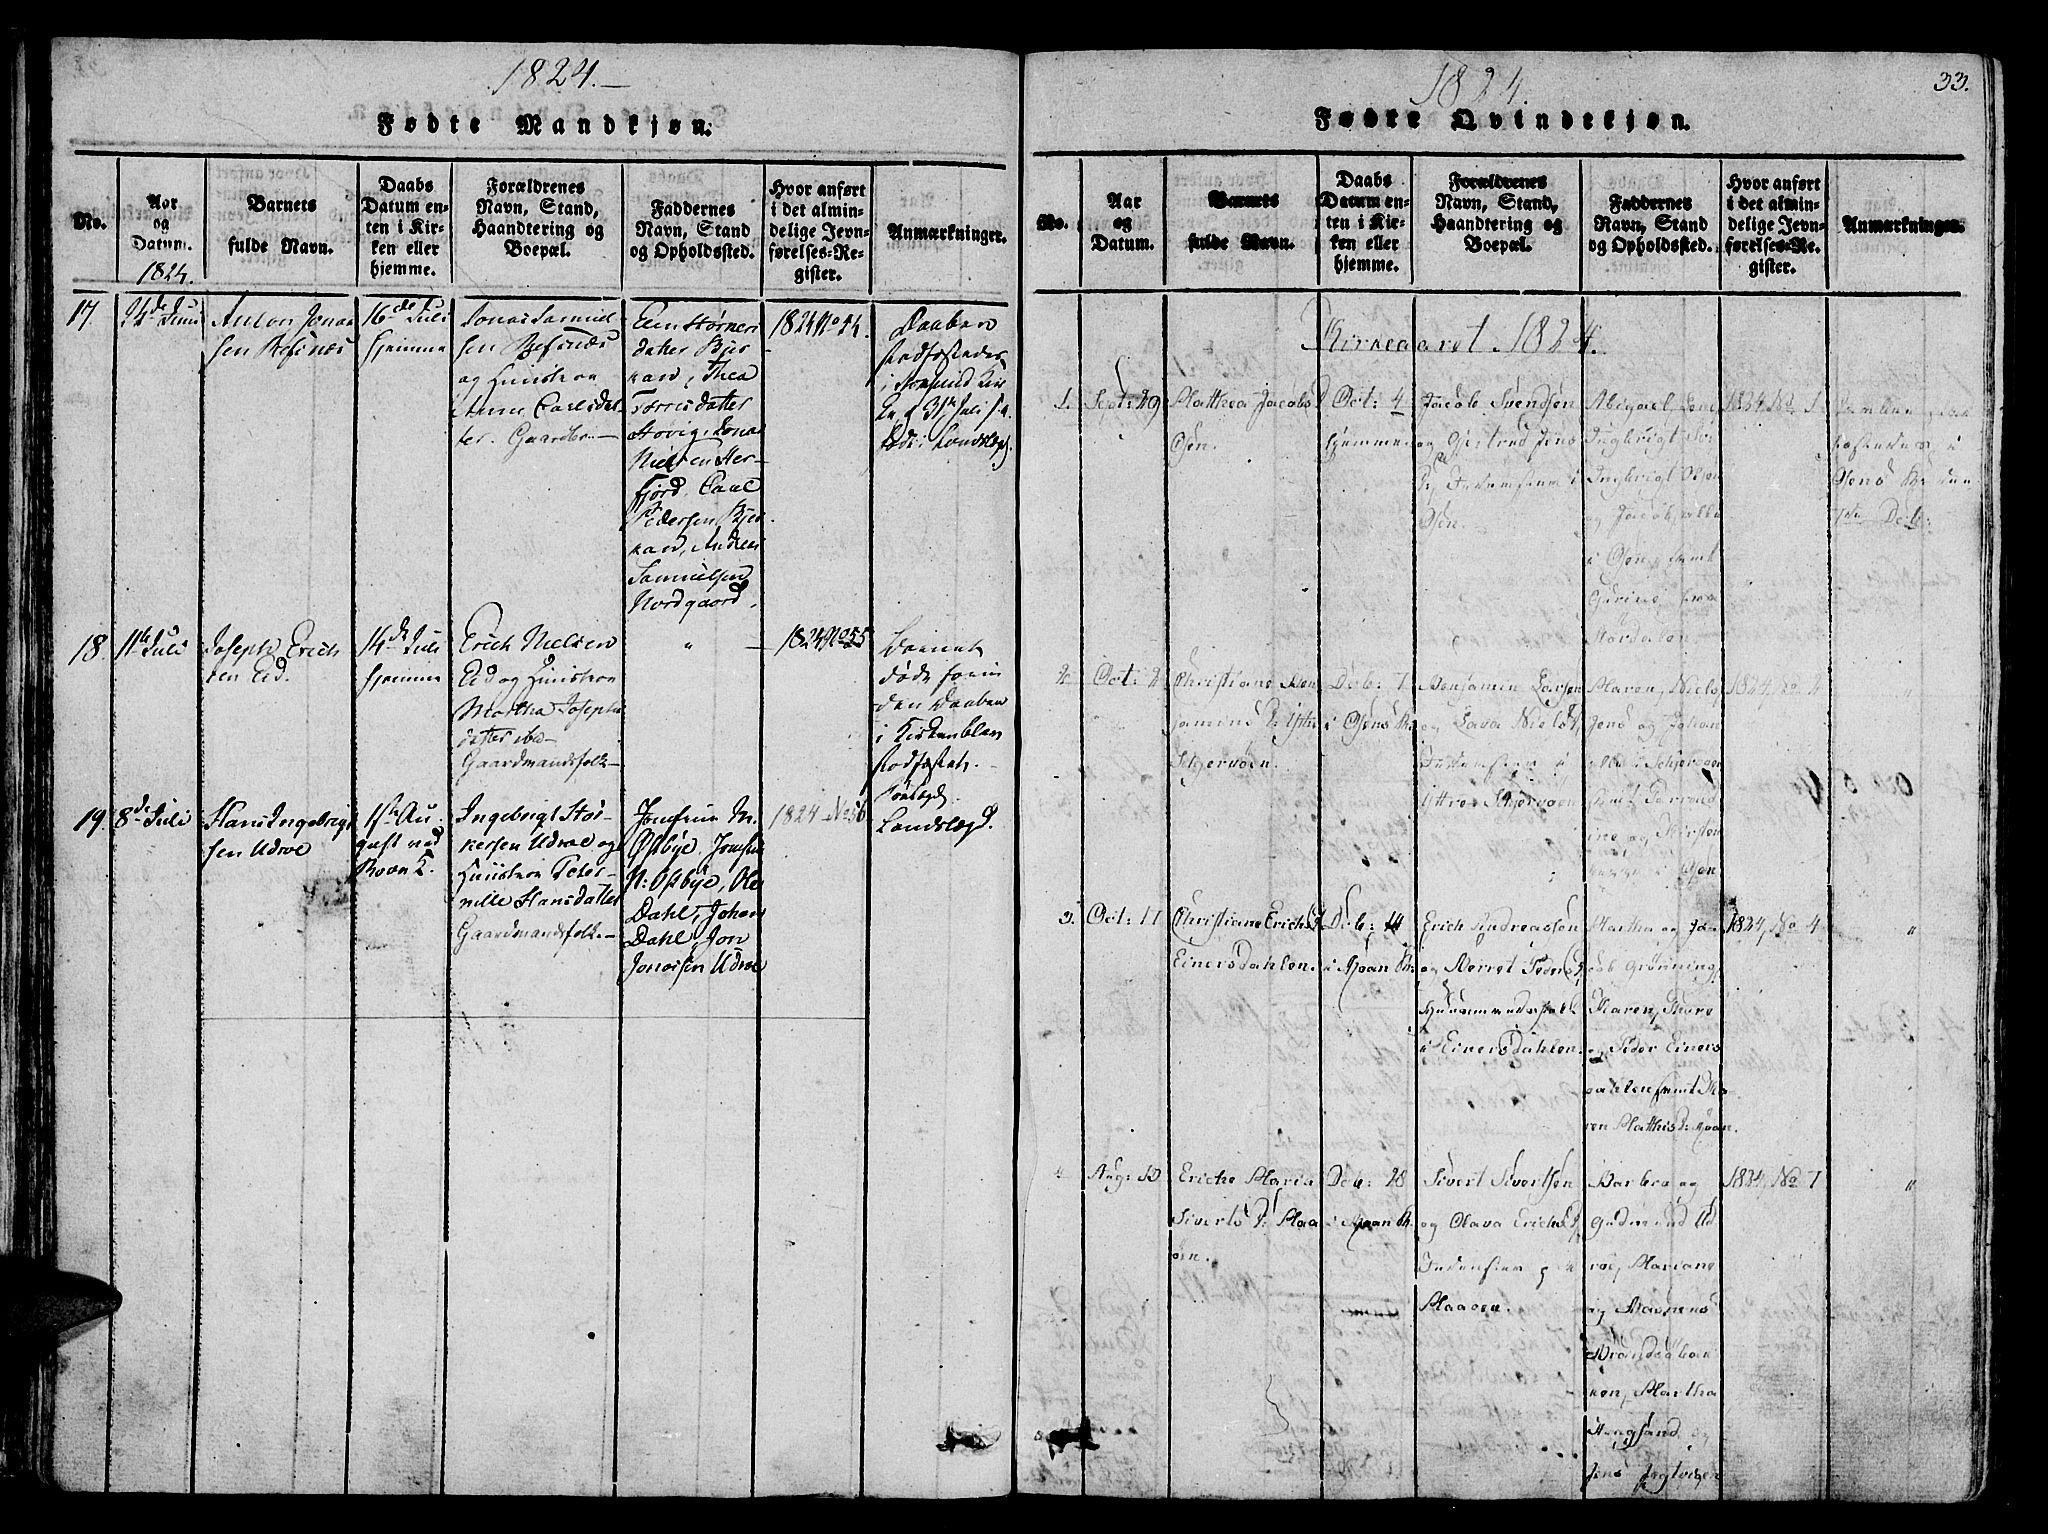 SAT, Ministerialprotokoller, klokkerbøker og fødselsregistre - Sør-Trøndelag, 657/L0702: Ministerialbok nr. 657A03, 1818-1831, s. 33